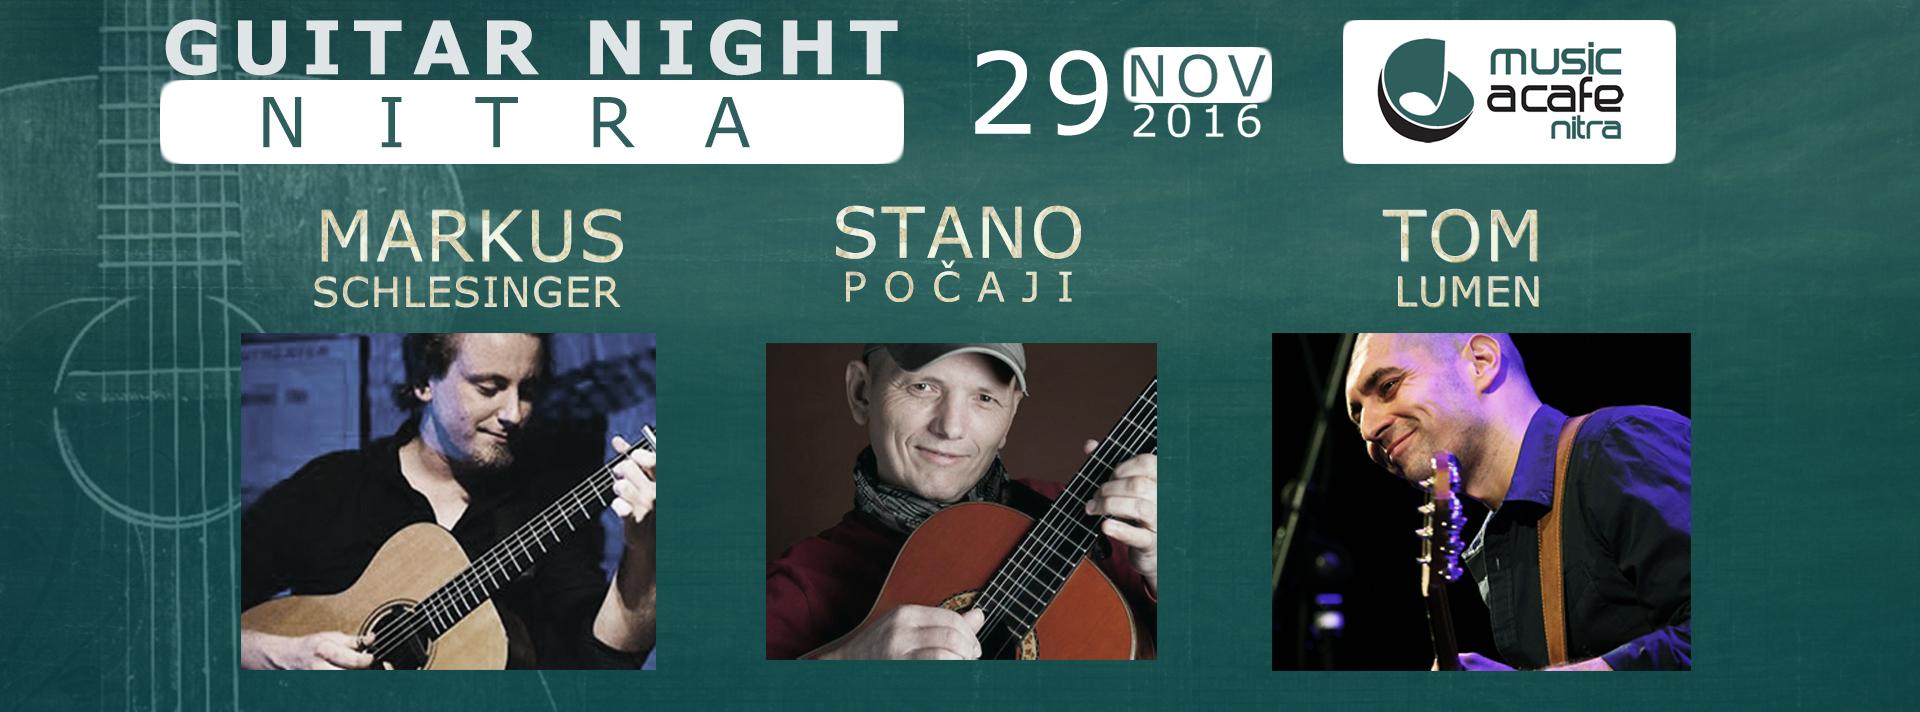 Guitar Night Nitra